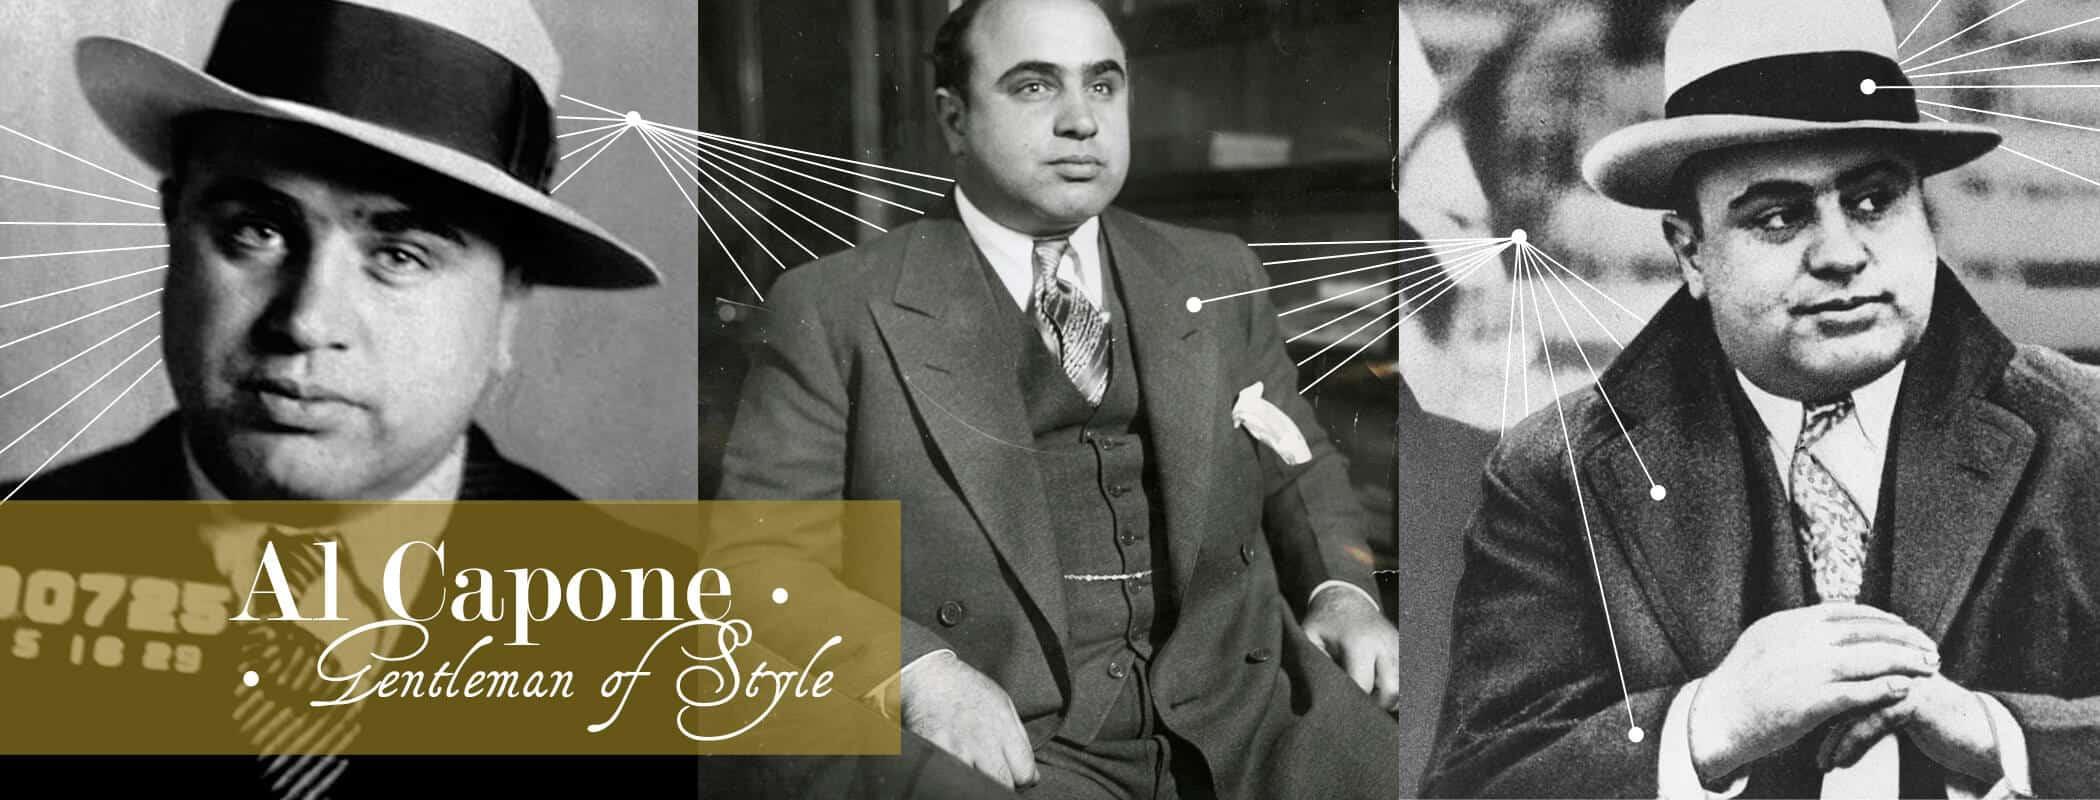 Al Capone - His Style, Suits & Life — Gentleman's Gazette